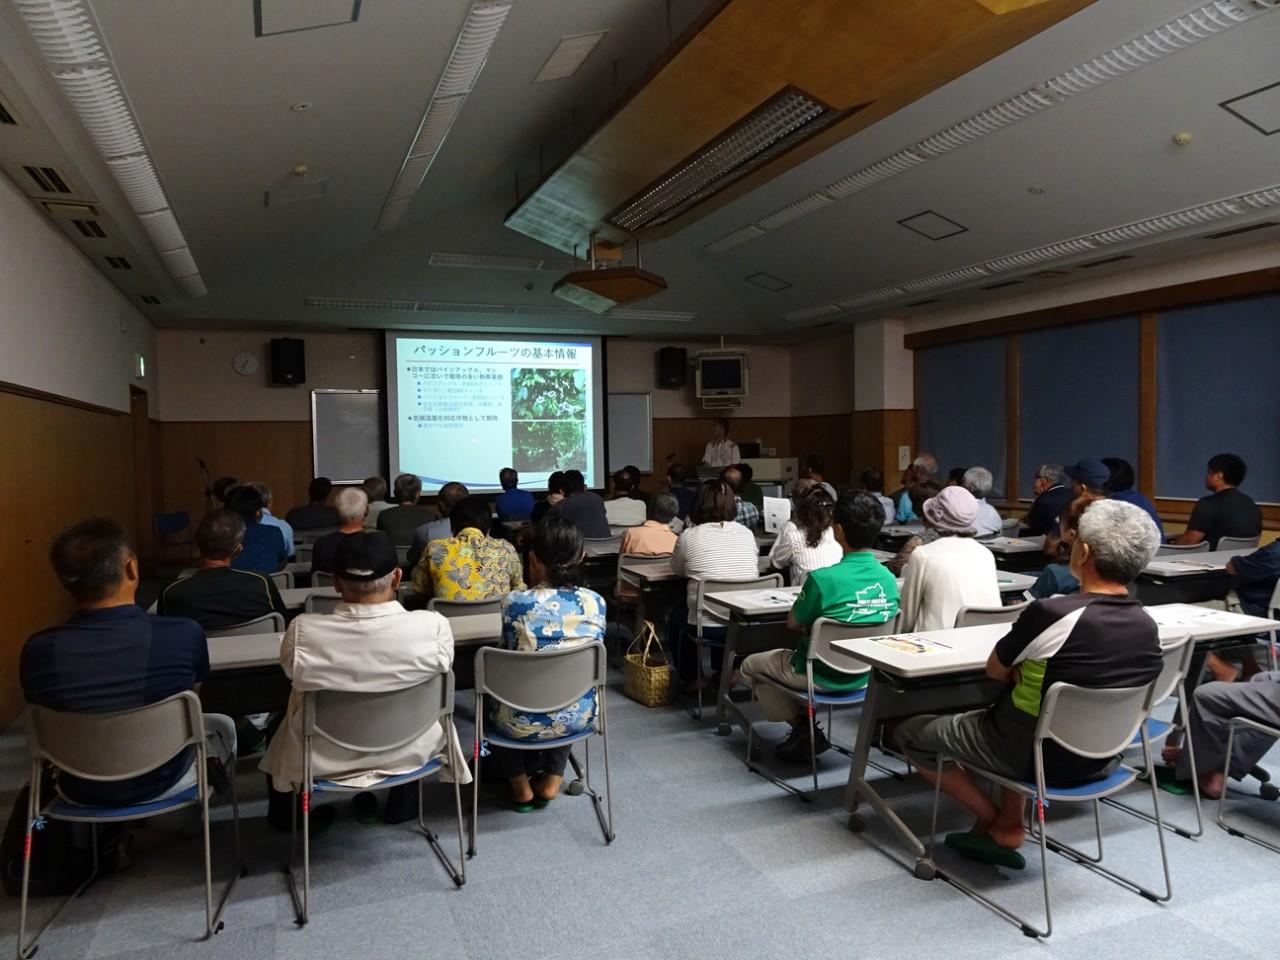 第45回熱研市民公開講座にて熱心に聴講する市民